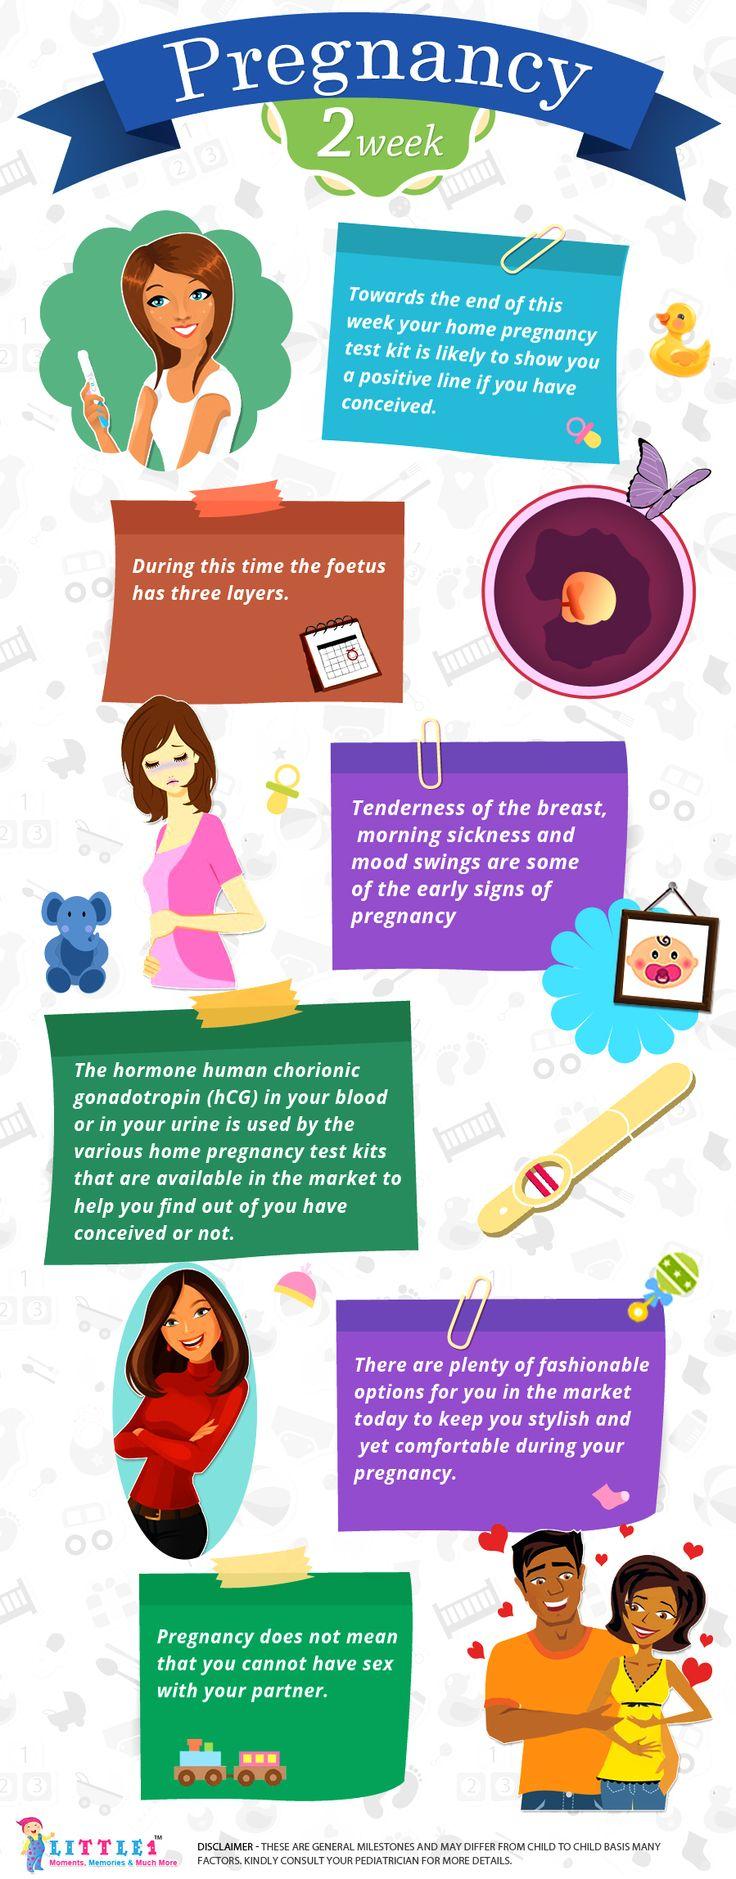 Week pregnancy week by photos